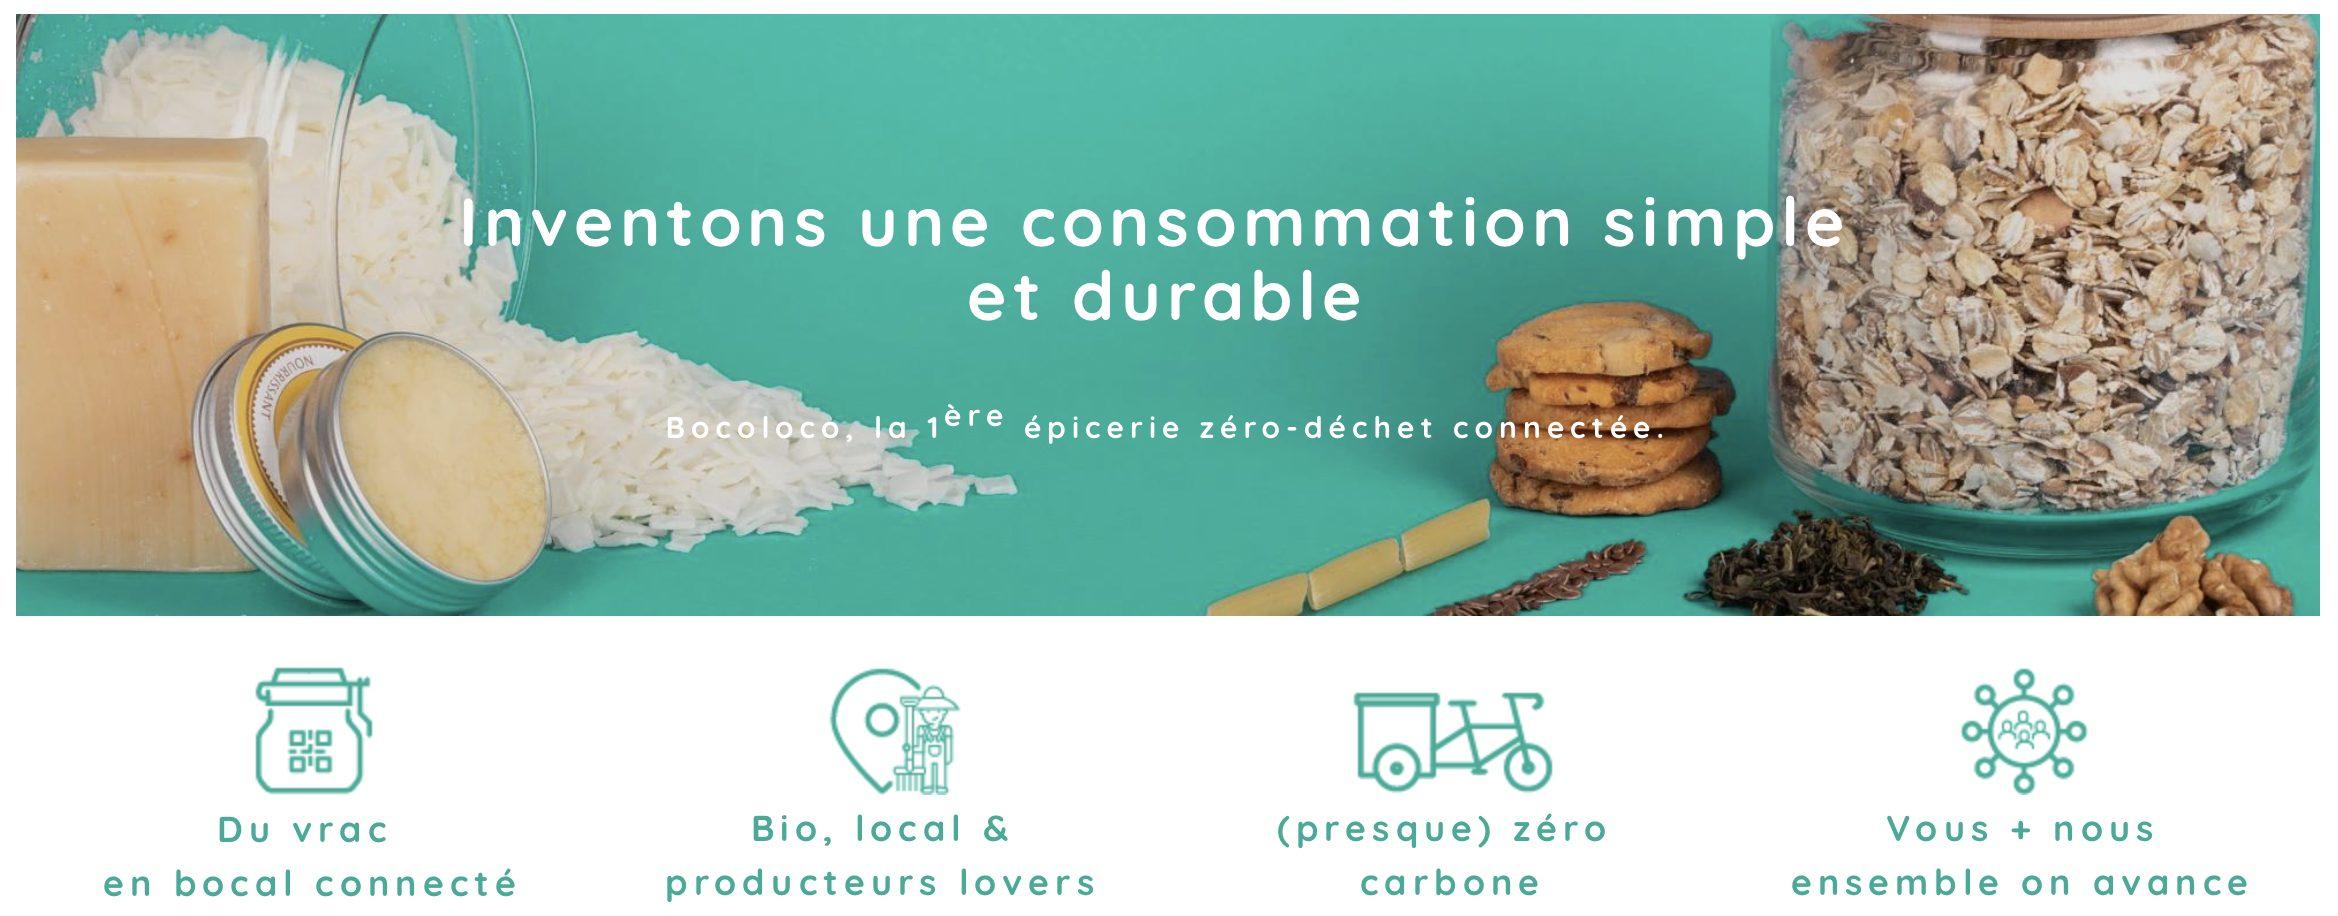 image - BOCOLOCO, la première épicerie zéro déchet connectée